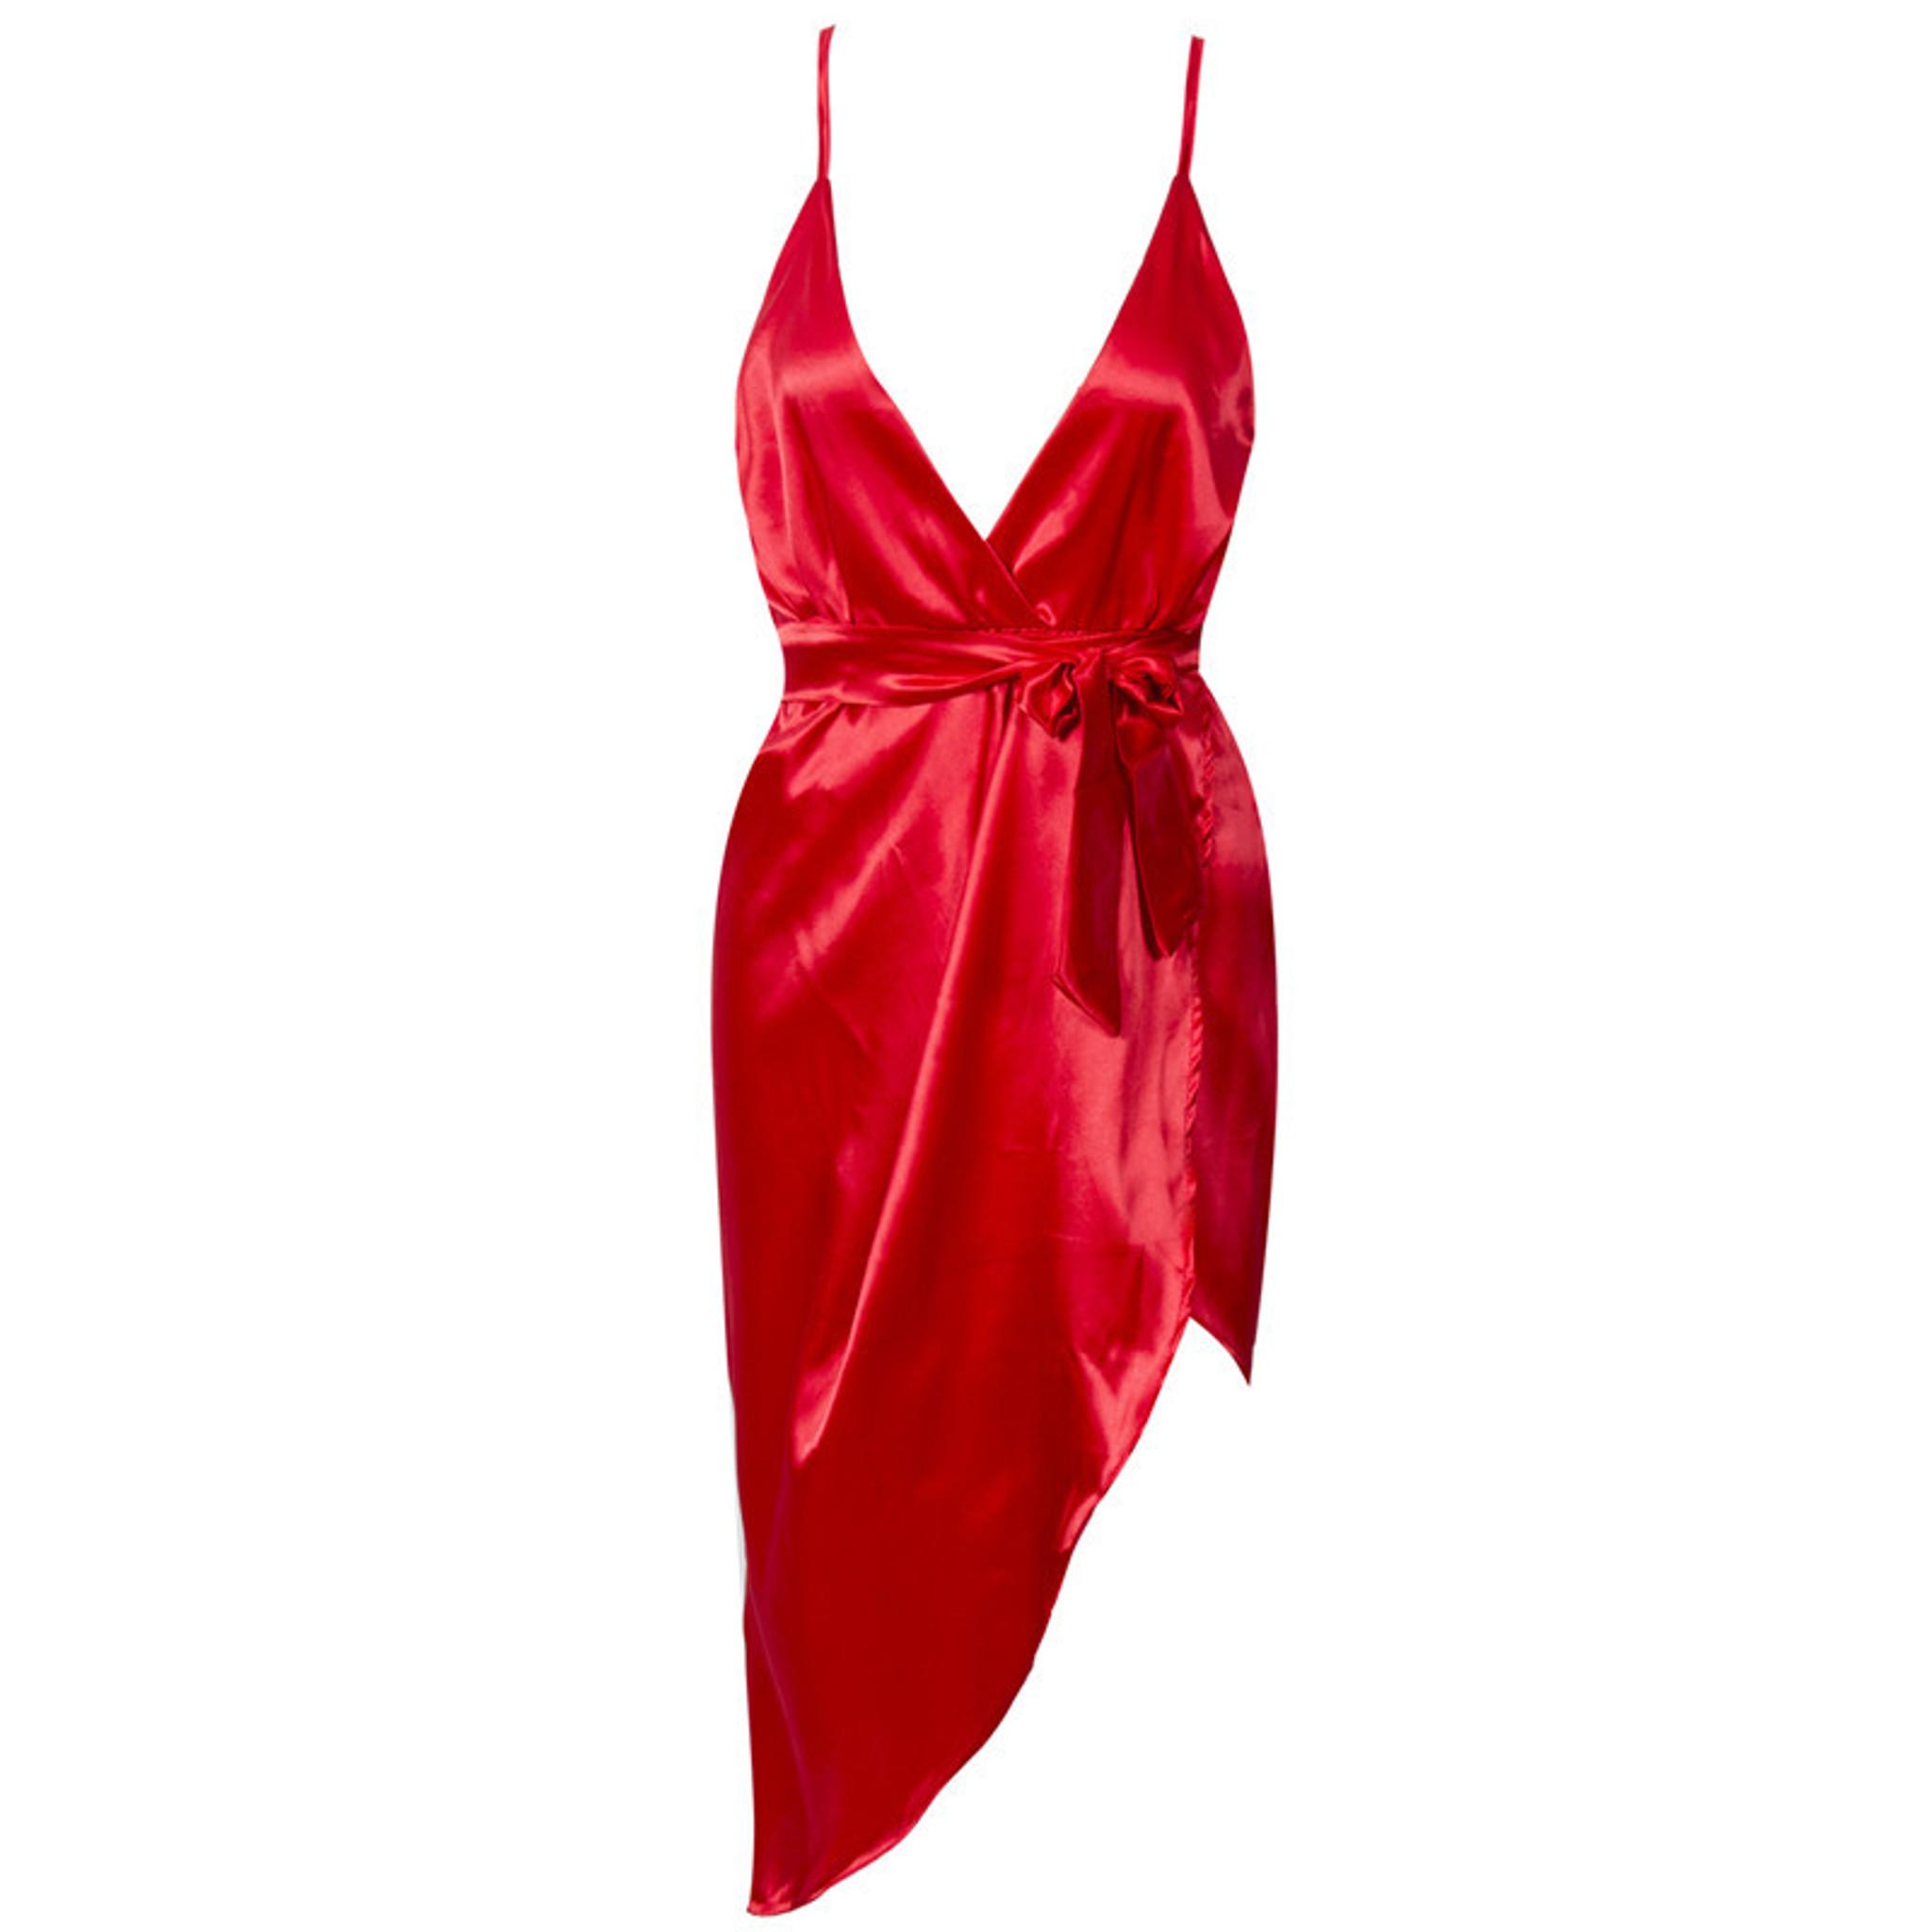 Tricia Wrap Dress